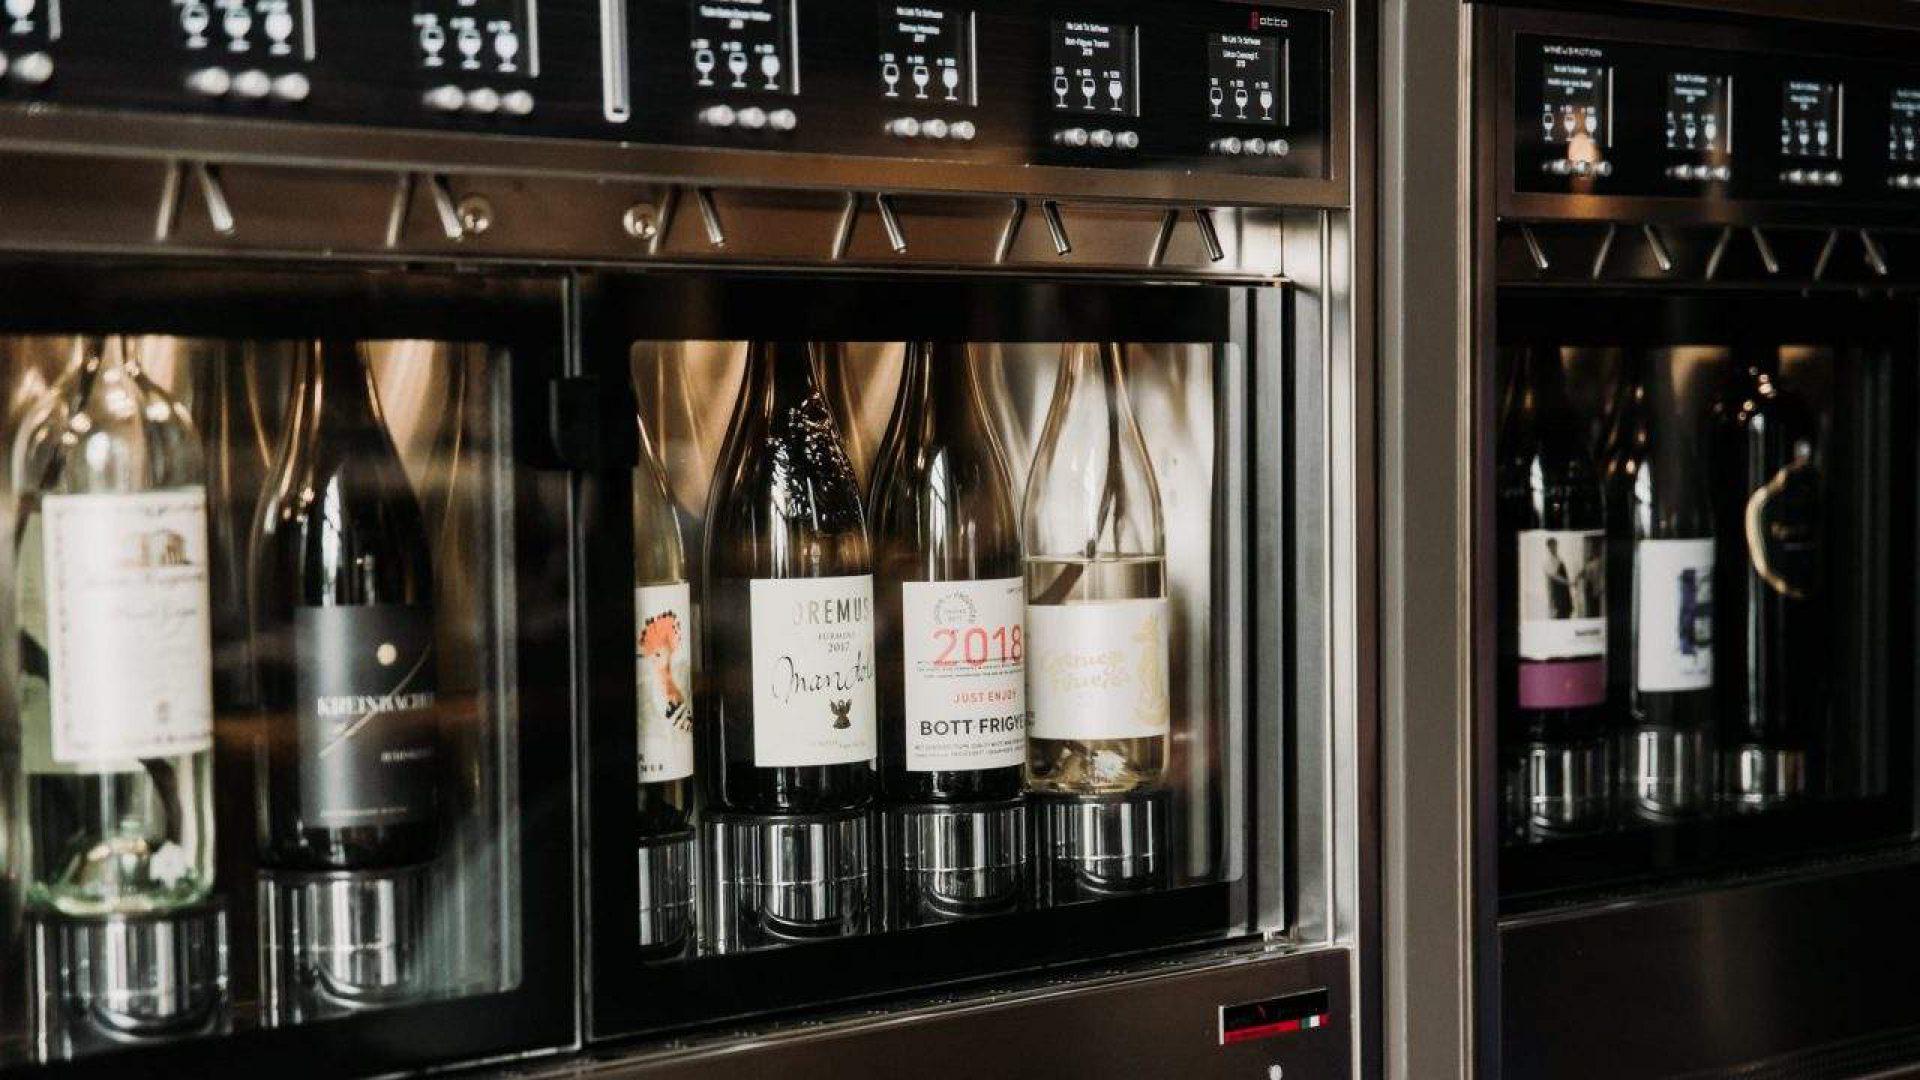 Wineemotion